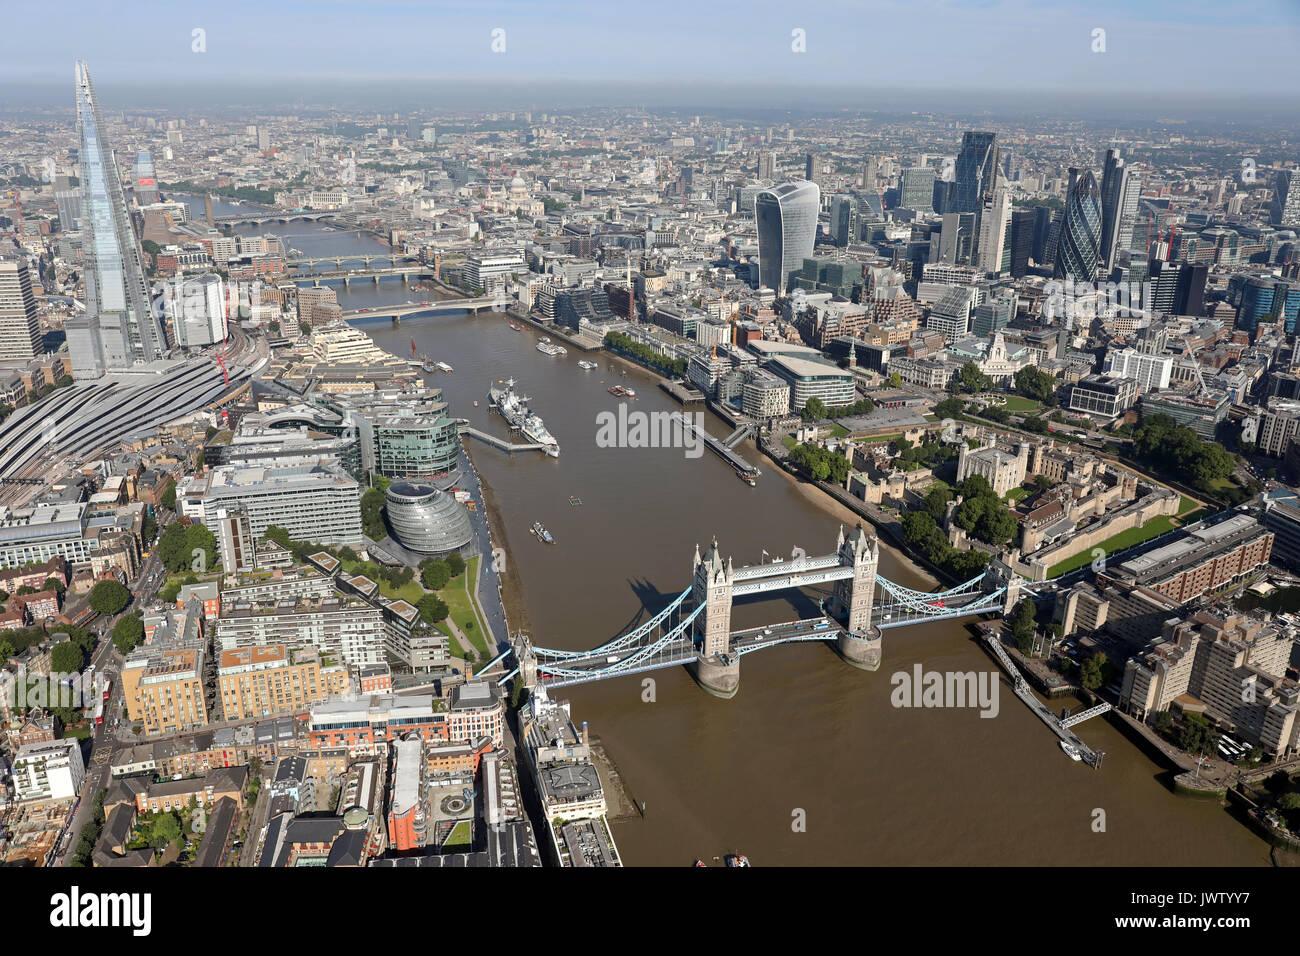 Vista aérea del puente de la torre, Shard, el Támesis, y la ciudad de Londres Foto de stock